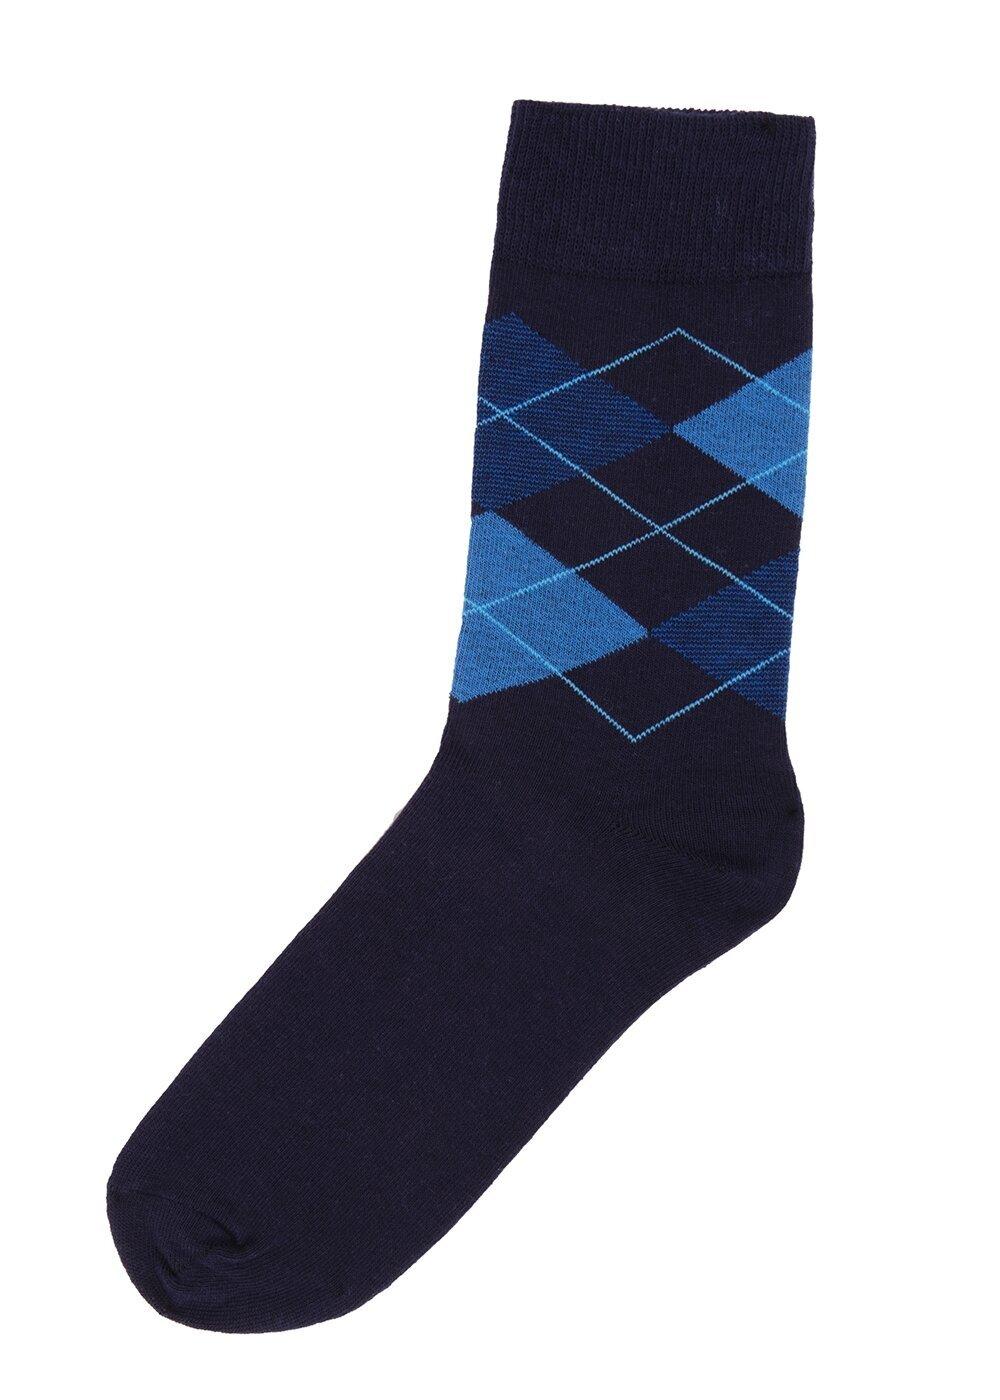 resm Erkek Oxford Soket Çorap - KOYU MAVİ